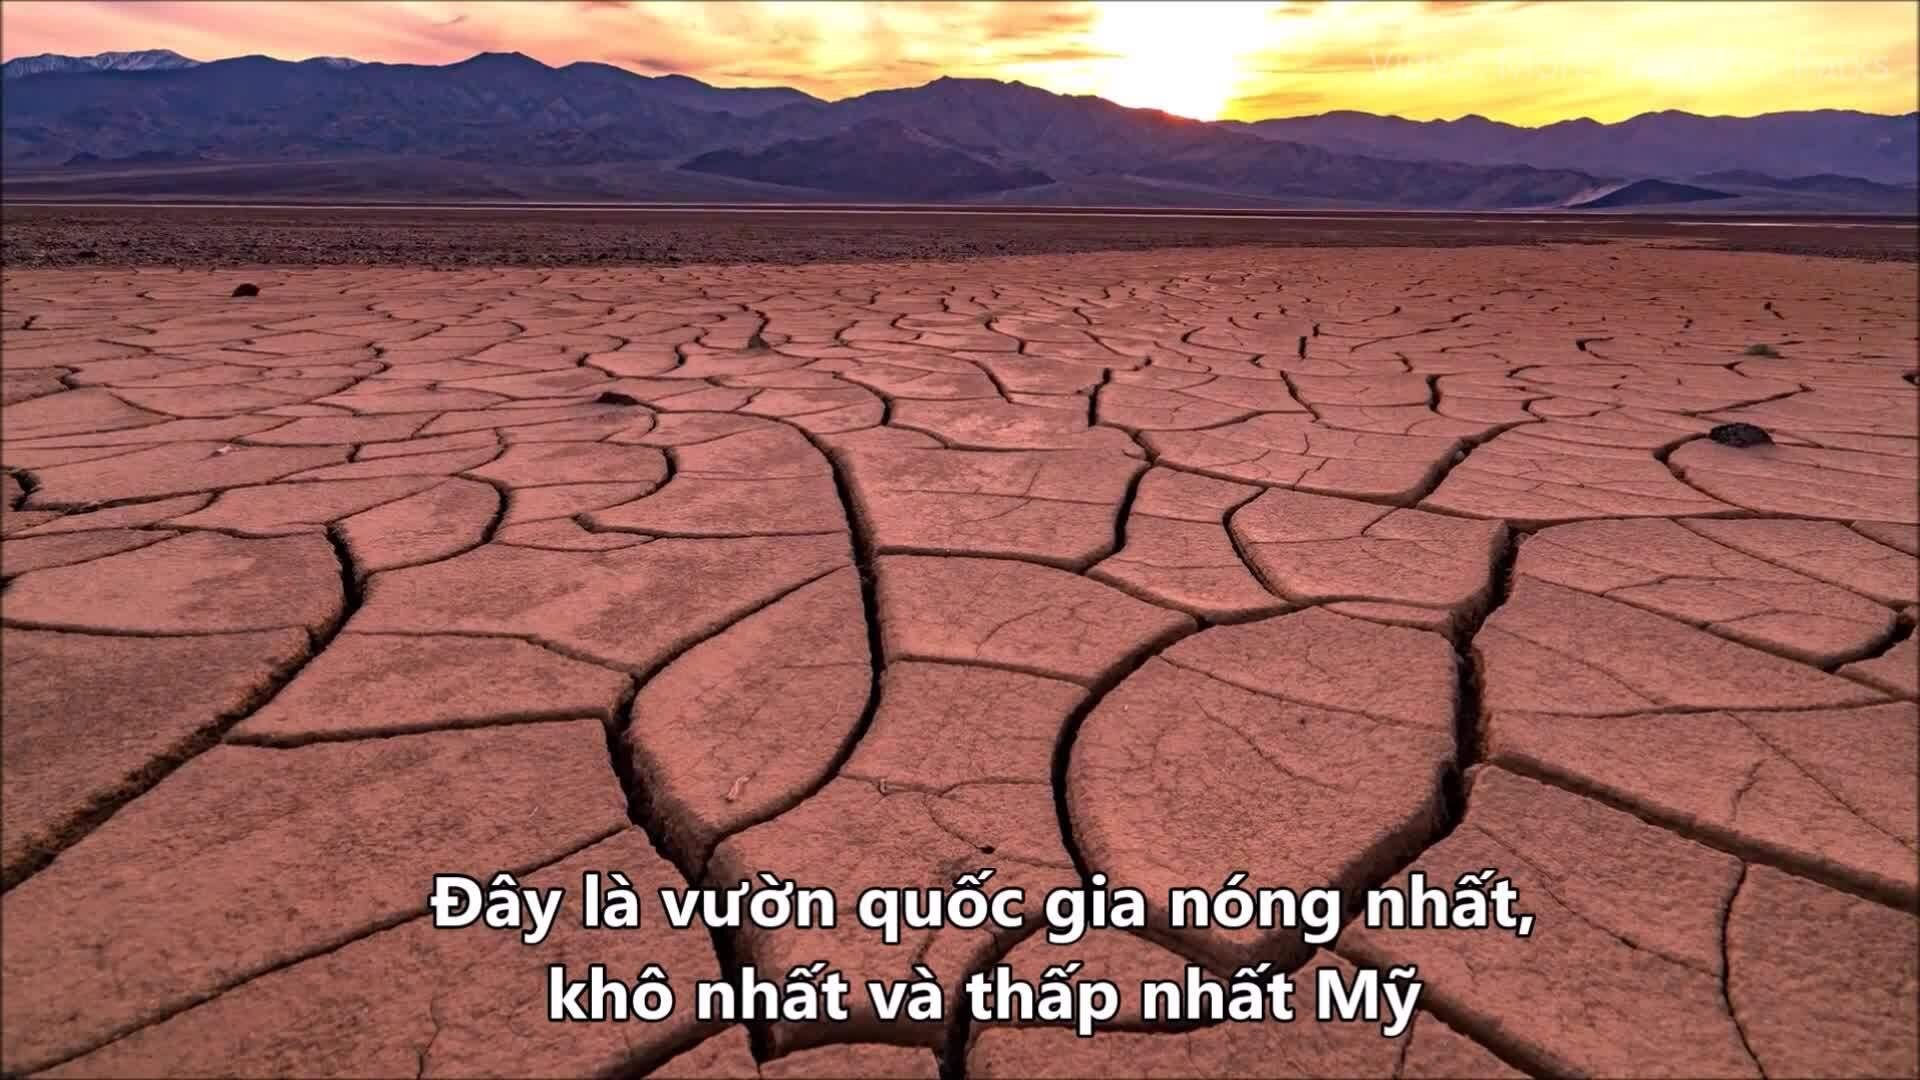 Thung lũng Chết nóng 57 độ C